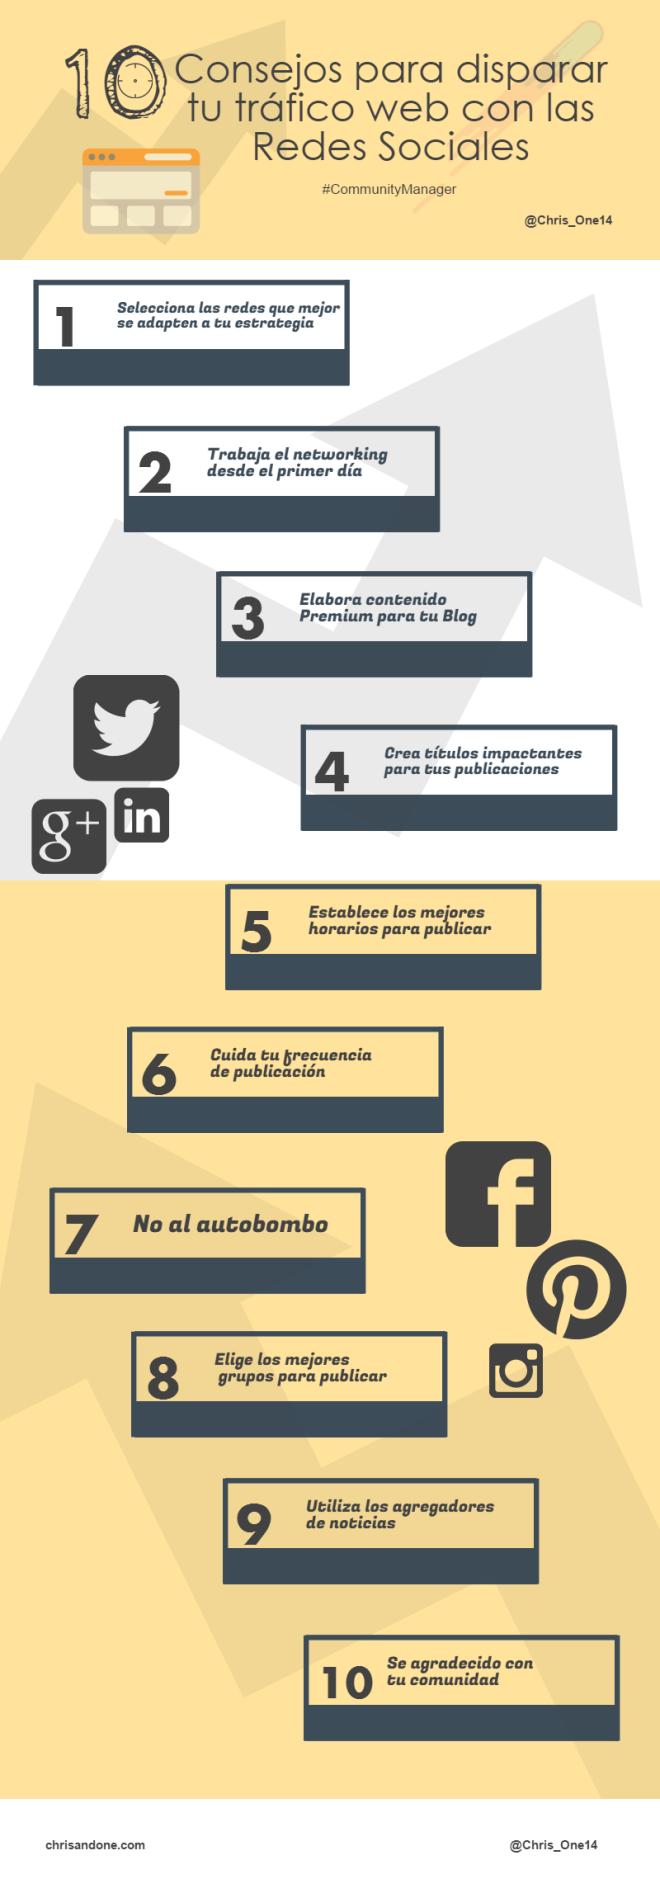 10 Consejos para disparar tu tráfico web con las Redes Sociales